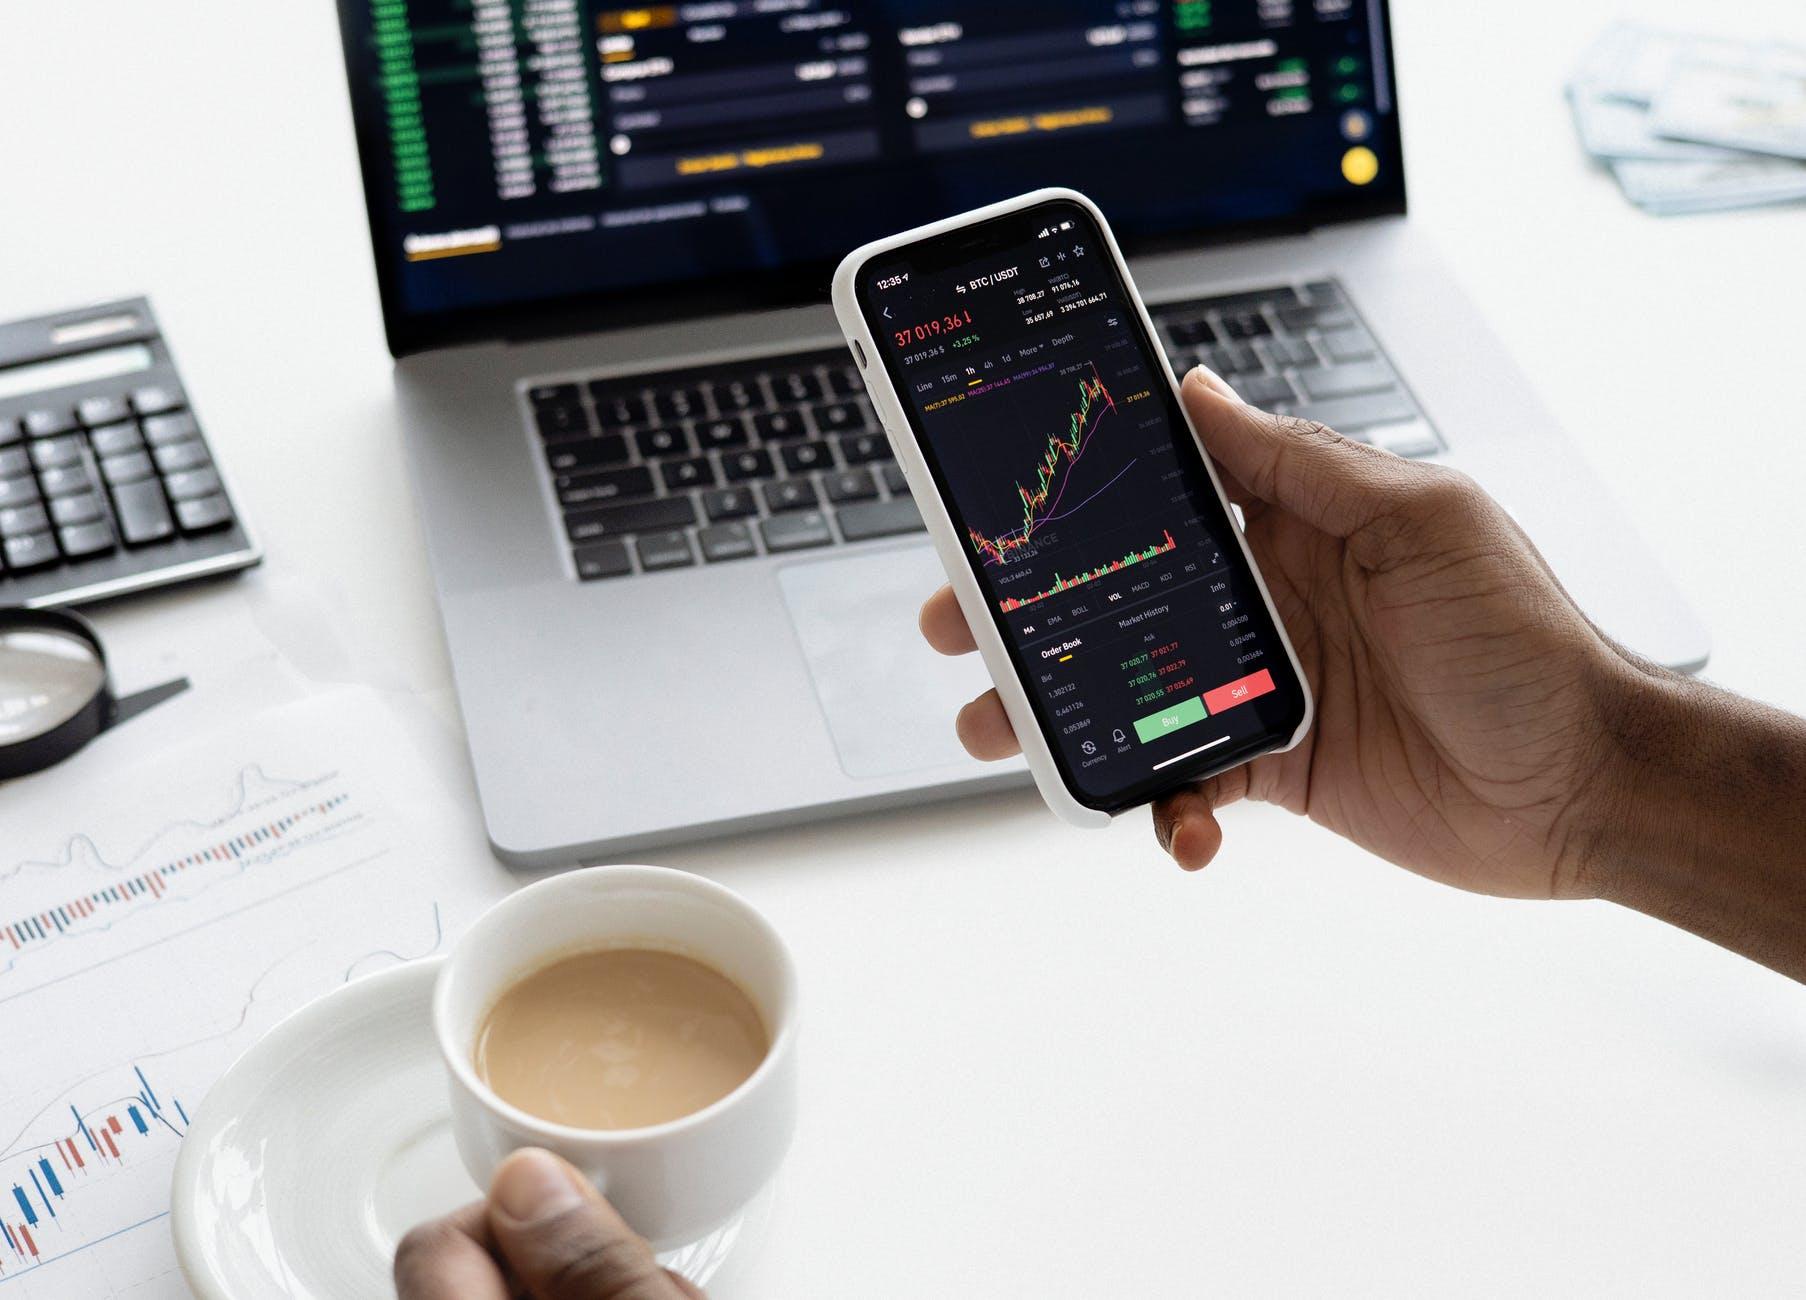 Skillnader mellan aktier och fonder